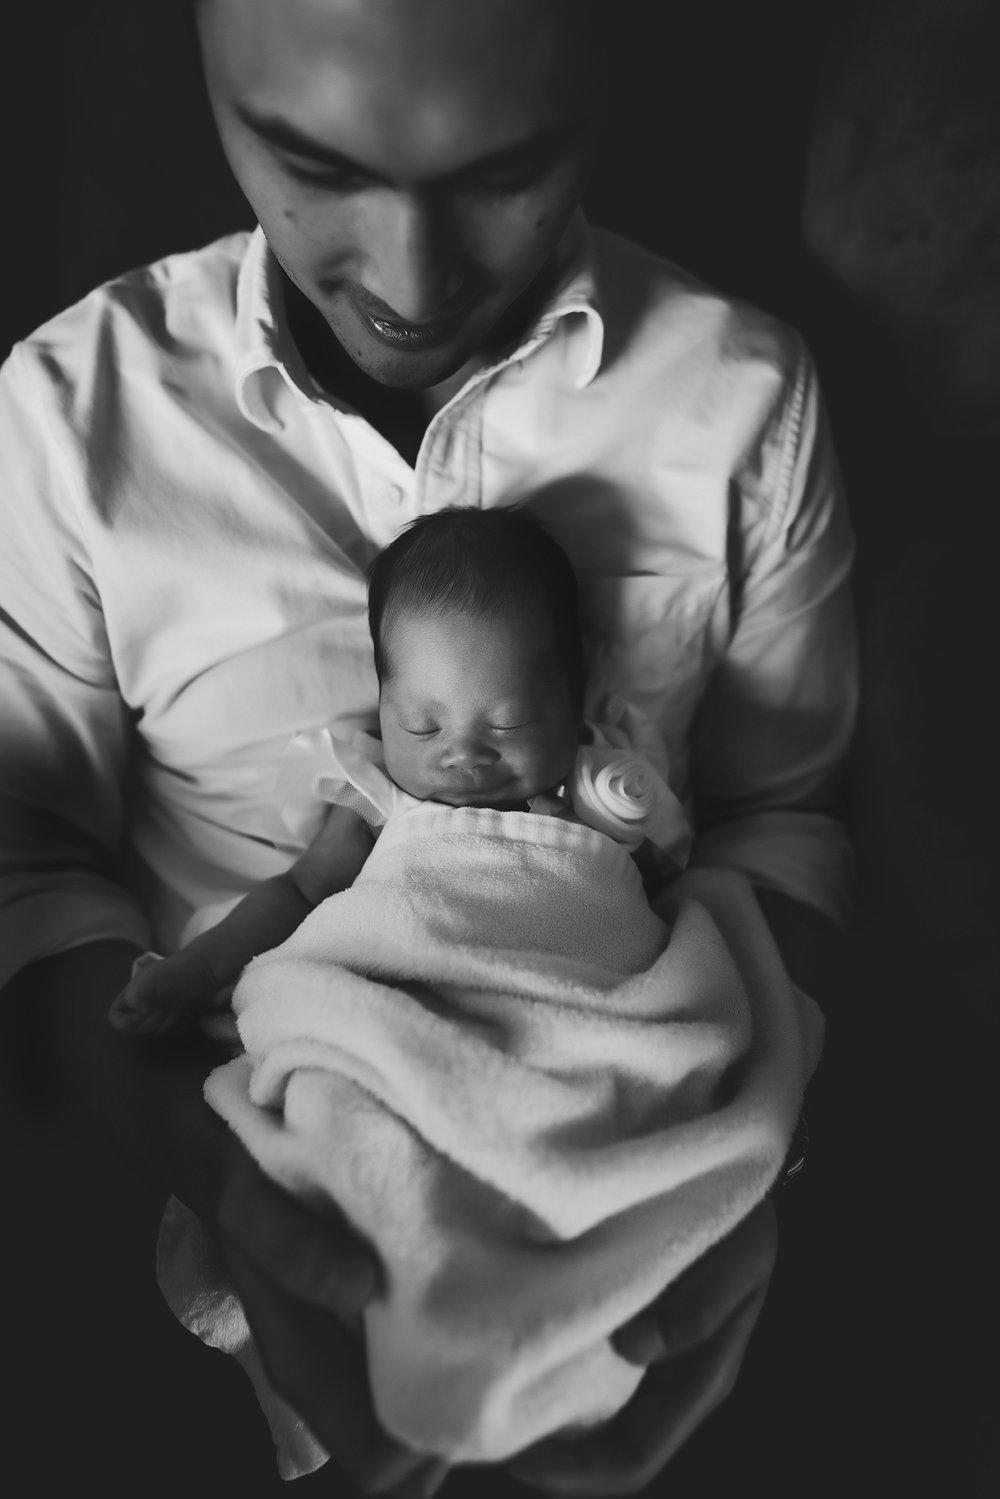 family photography sydney cindy cavanagh-0621 copy.jpg